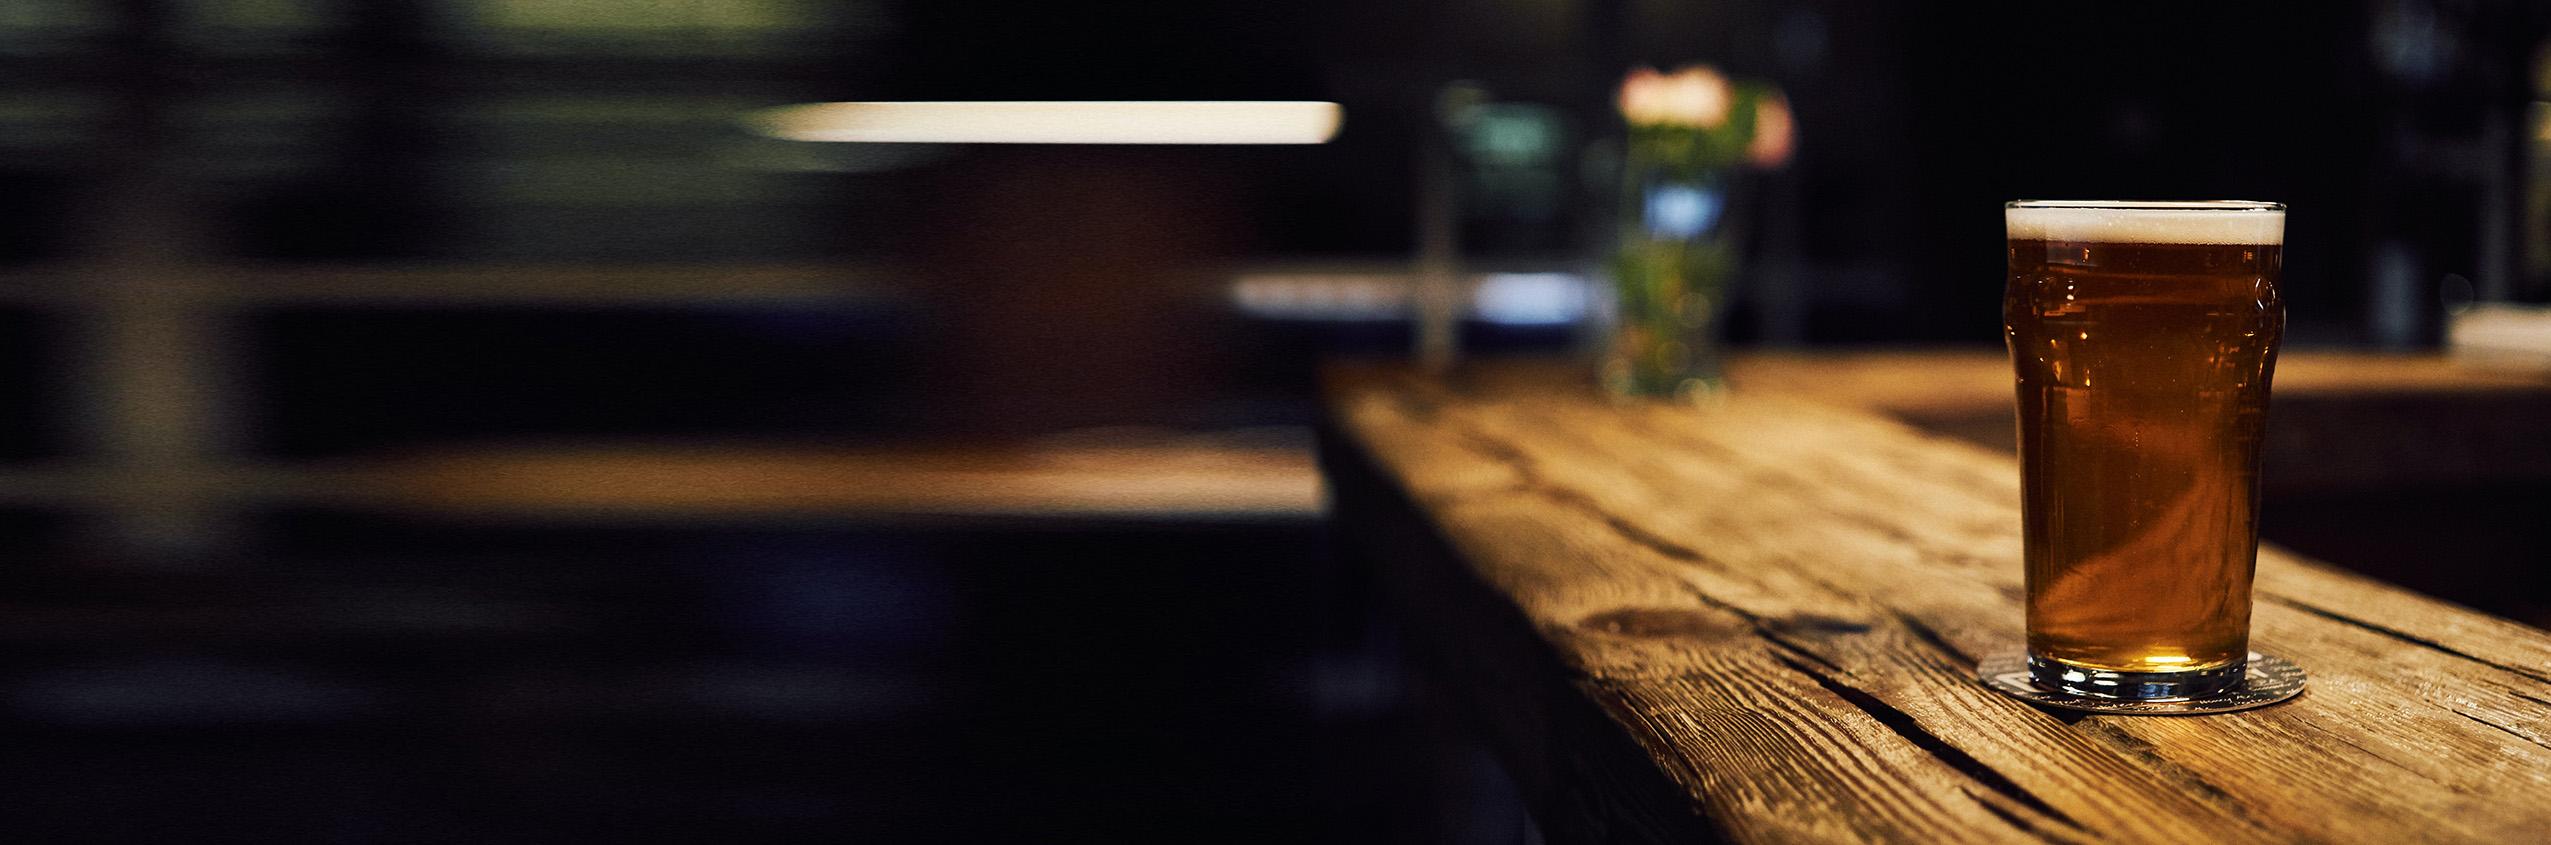 Beer on Rustic Bar